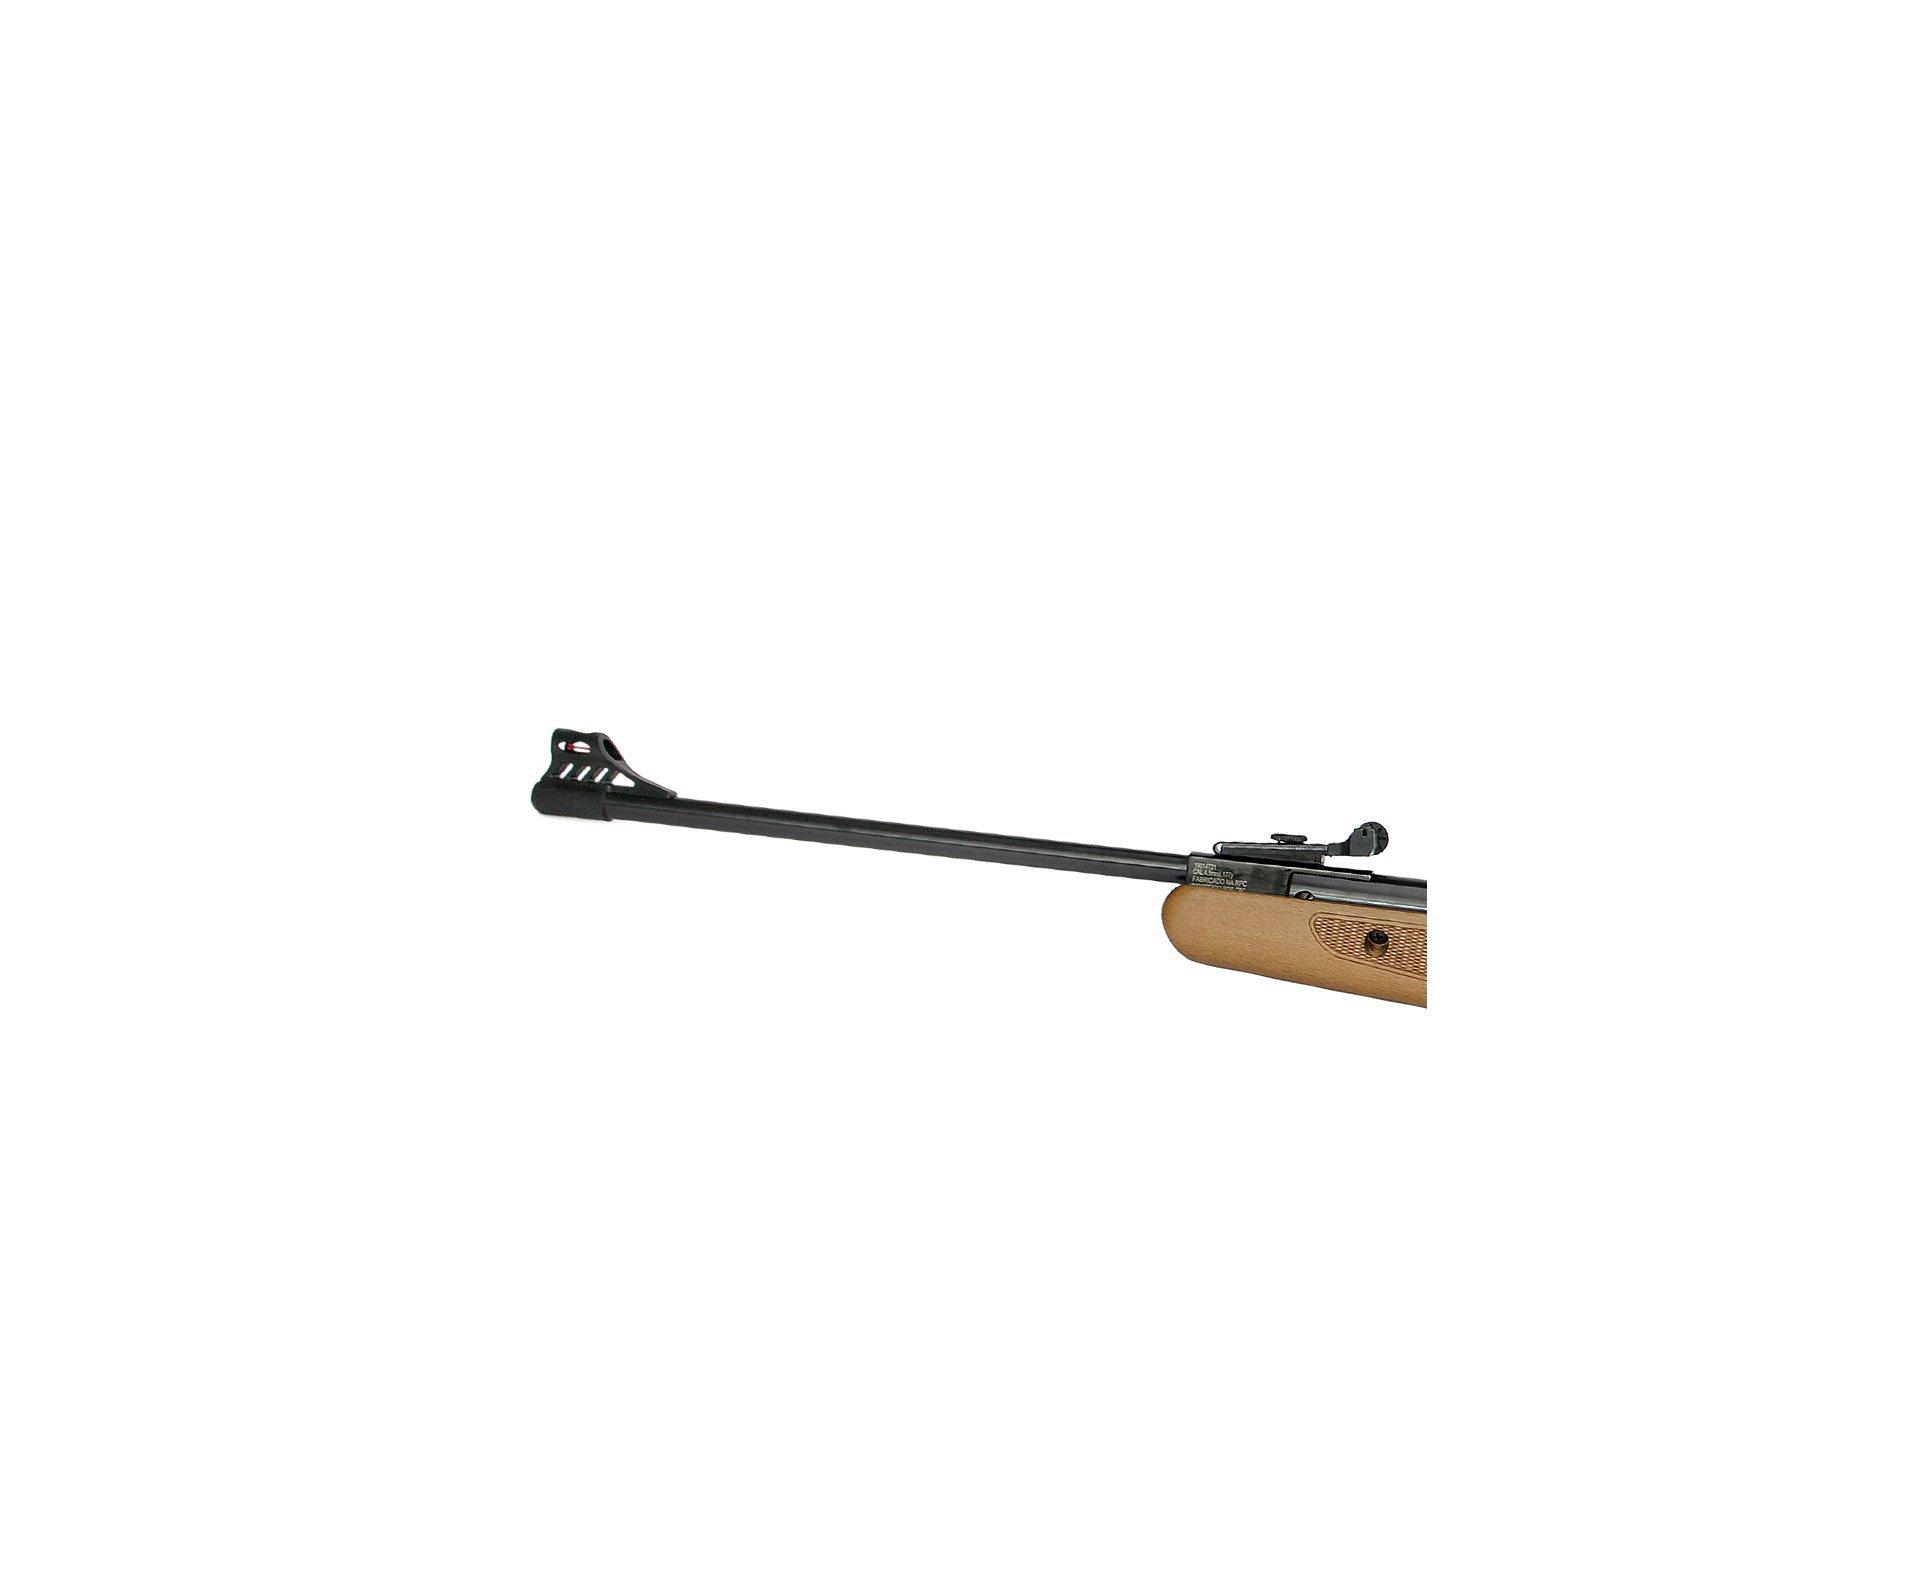 Carabina De Pressão Cbc B19-x 4,5mm Super Match Com Gás Ram 45kg Instalado